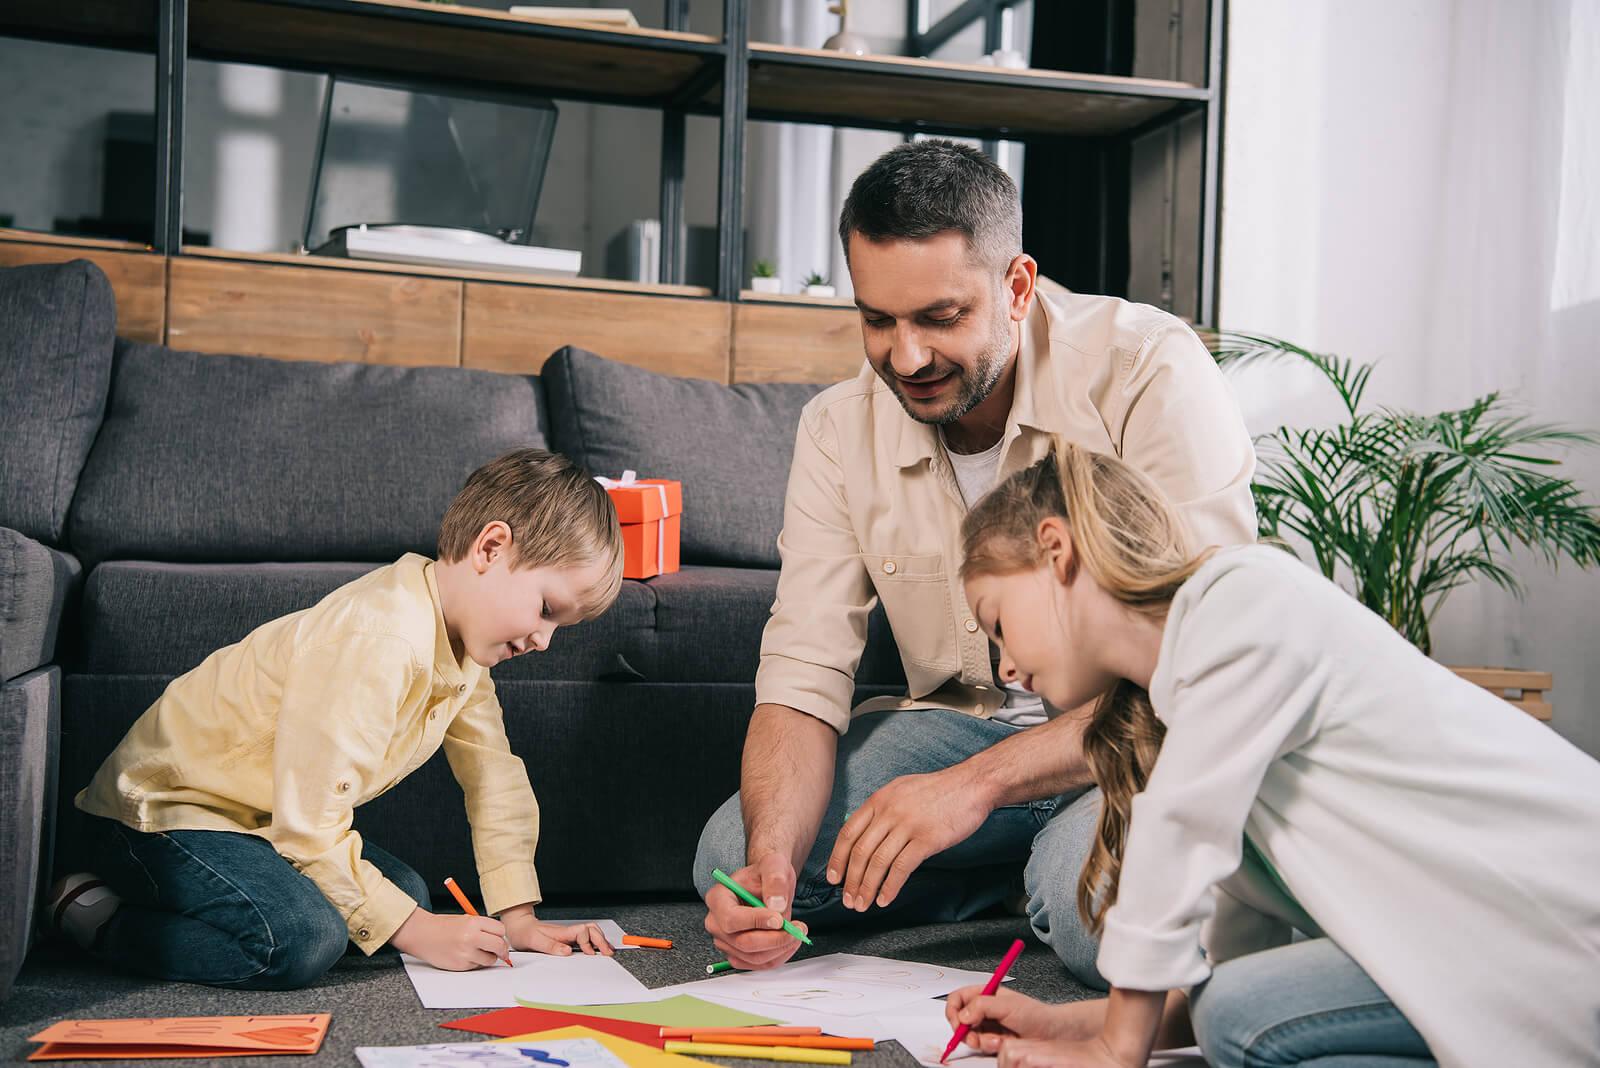 Padre pintando con sus hijos para ayudarles a mejorar sus lapsos de atención.